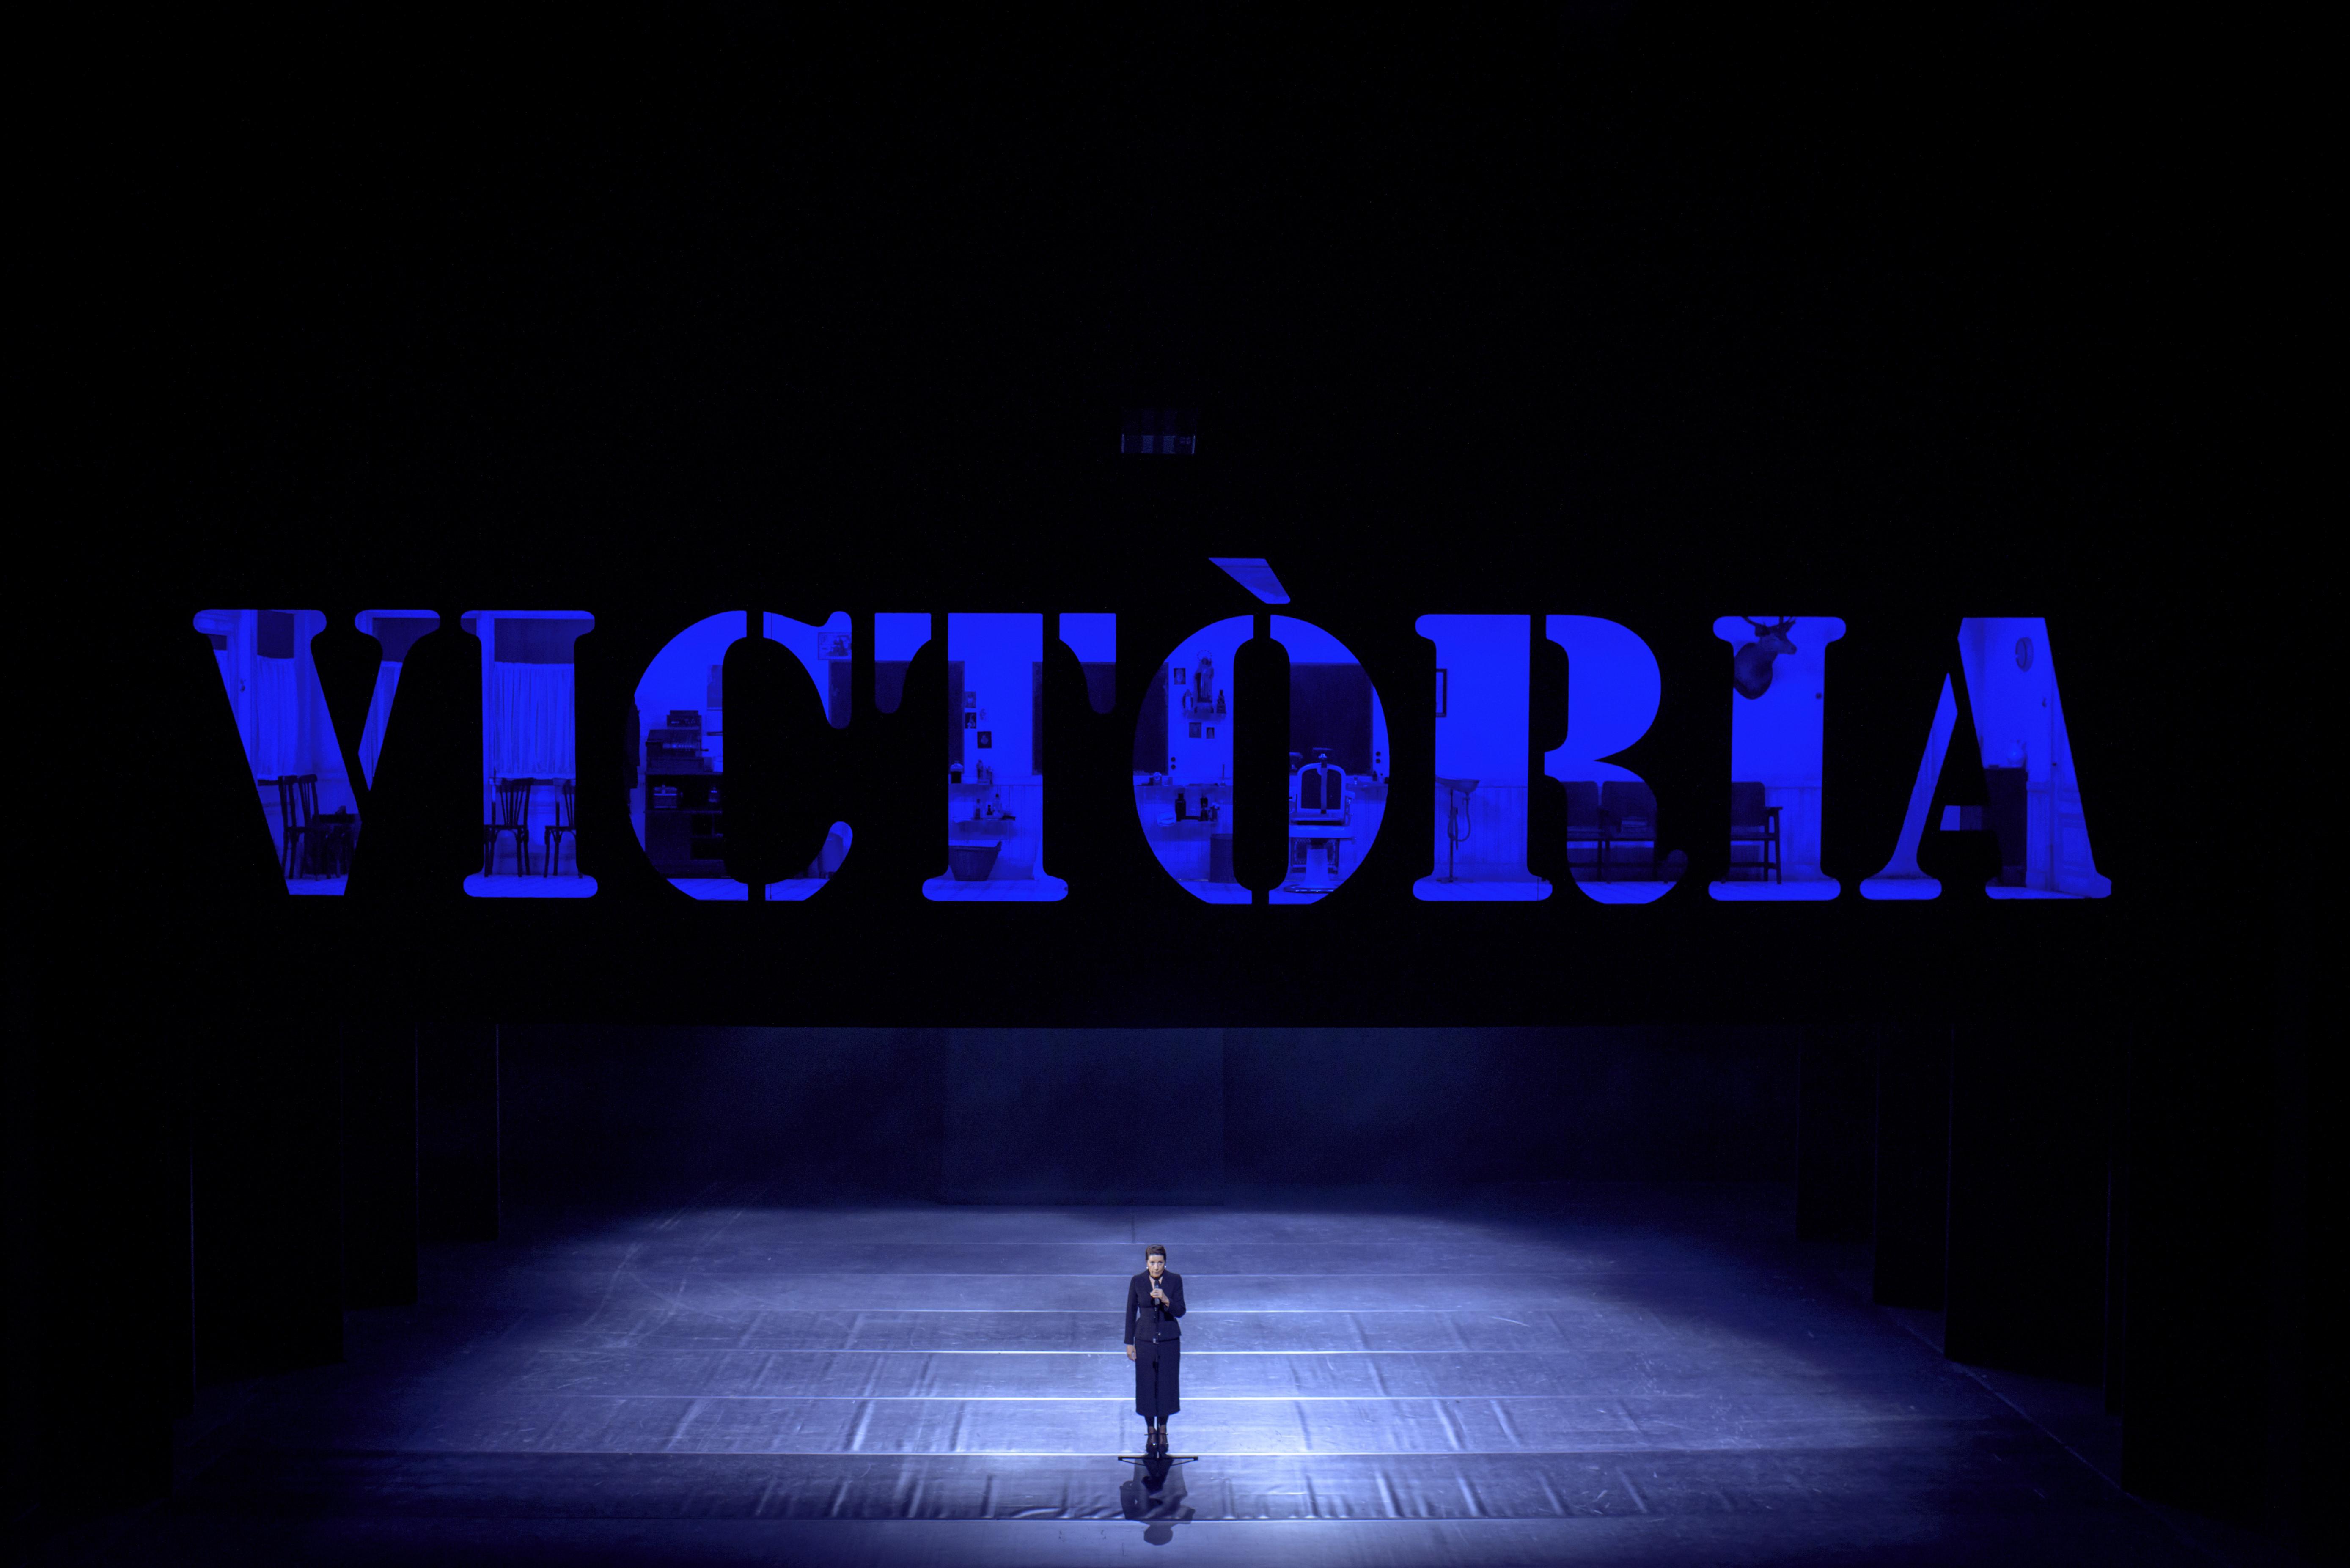 Emma Vilarasau és Victòria, la protagonista de l'espectacle